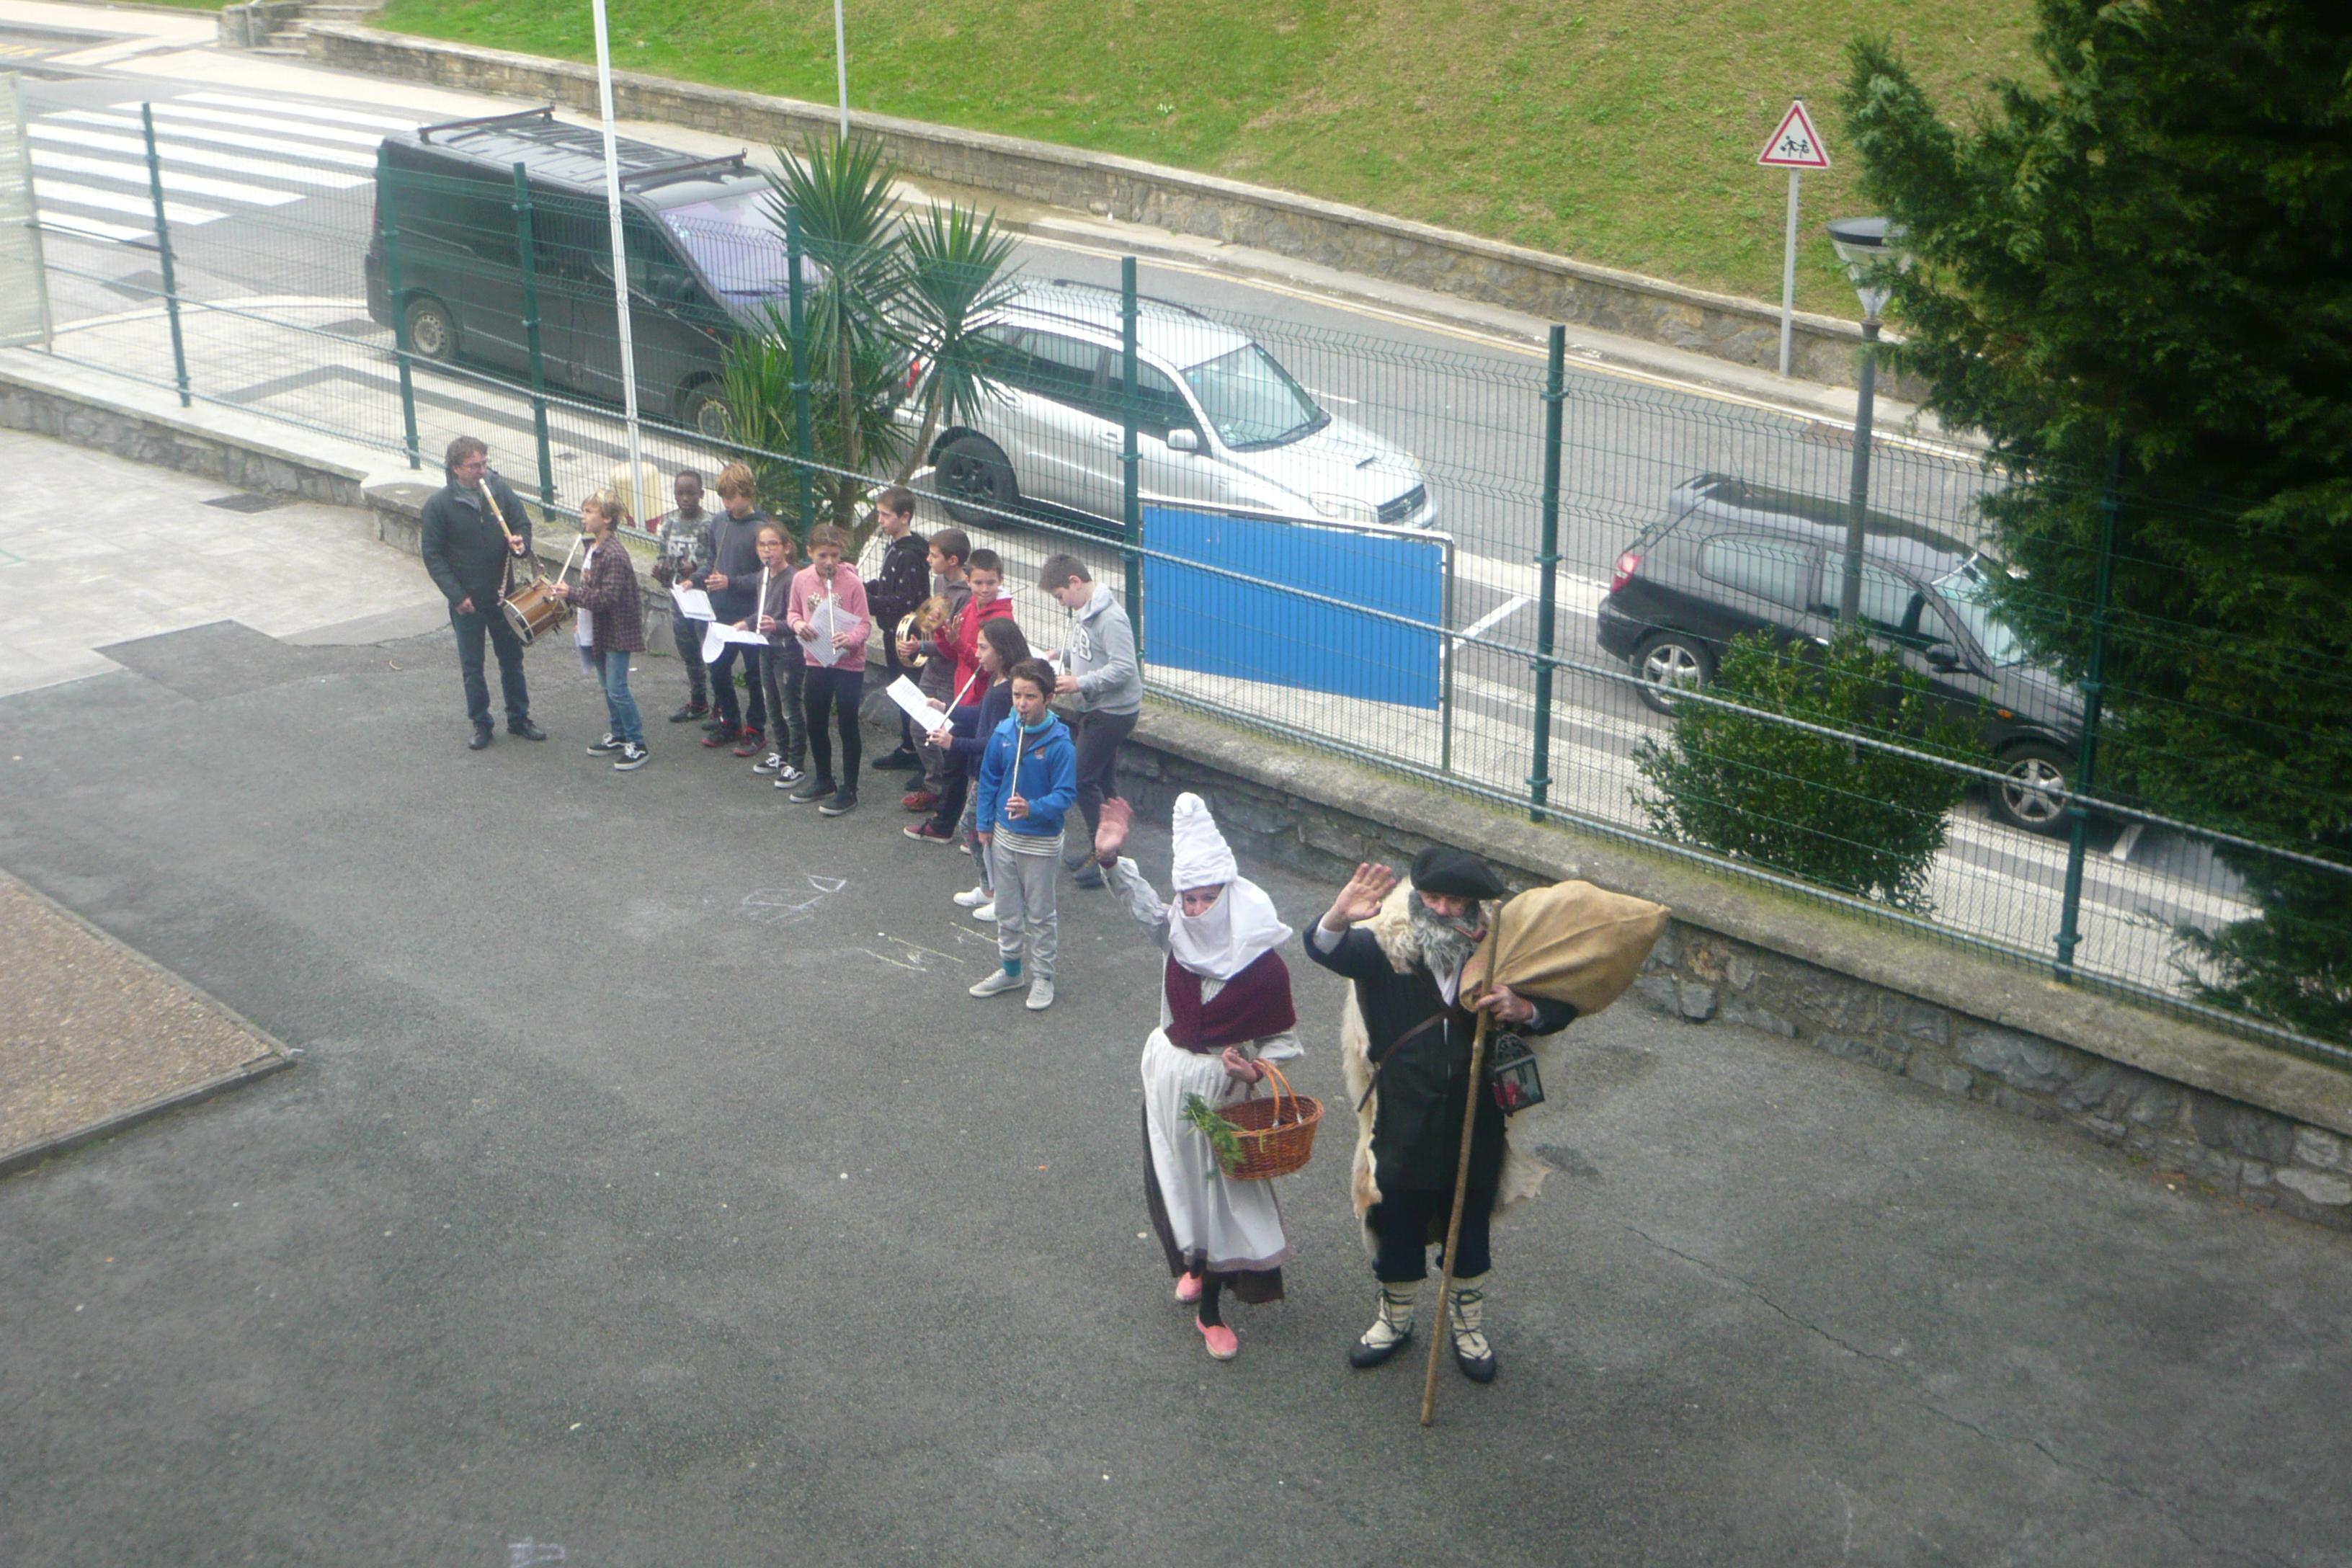 Mari Domingi eta Olentzero Iturzaeta Herri Eskolan